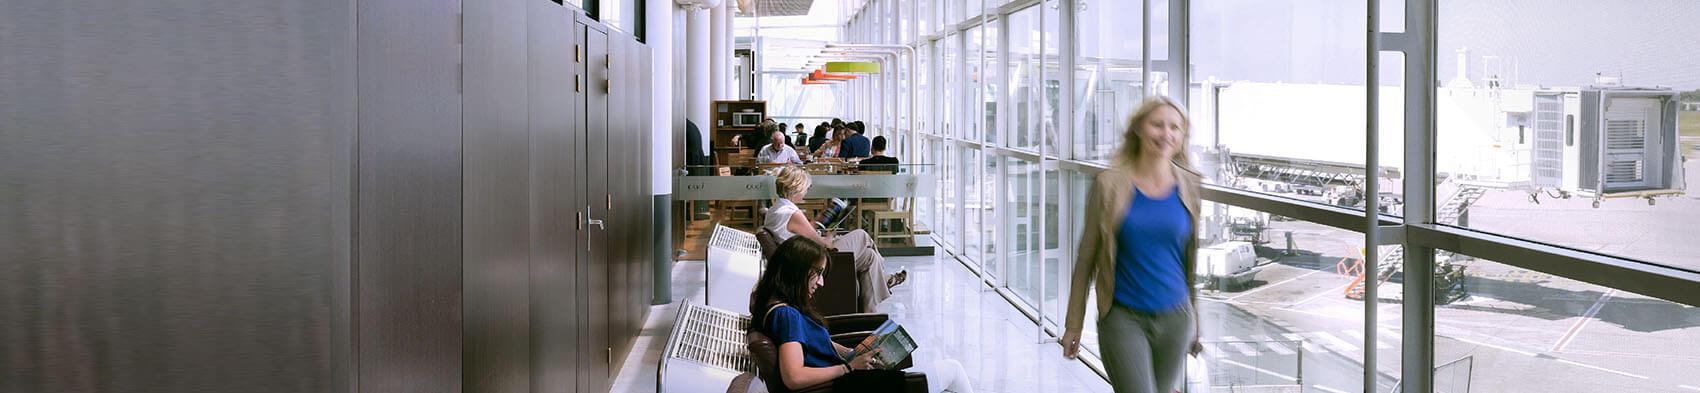 Aéroports de Paris, Passagers, Préparer son vol